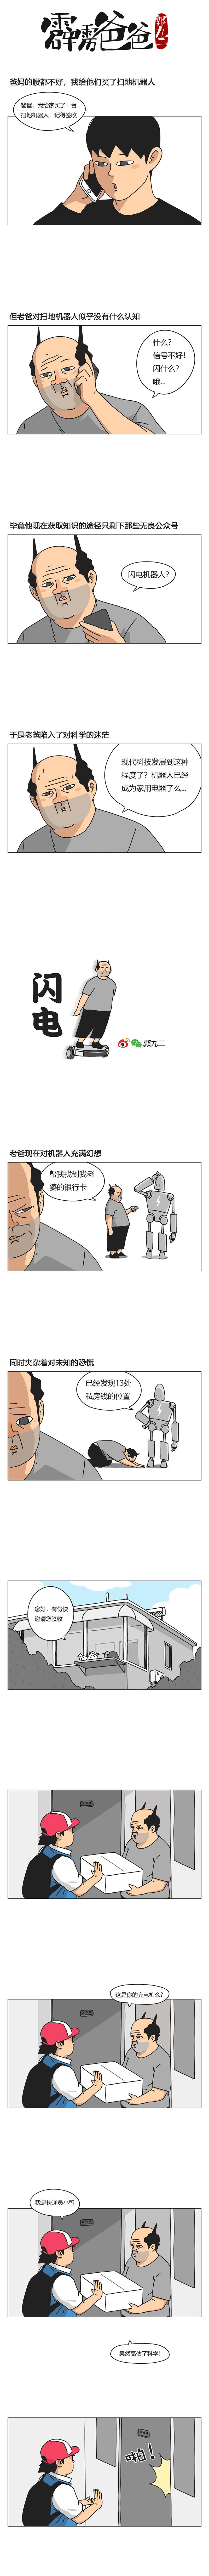 查看《一台扫地机器人勾起了我爸的陈年往事》原图,原图尺寸:800x9850